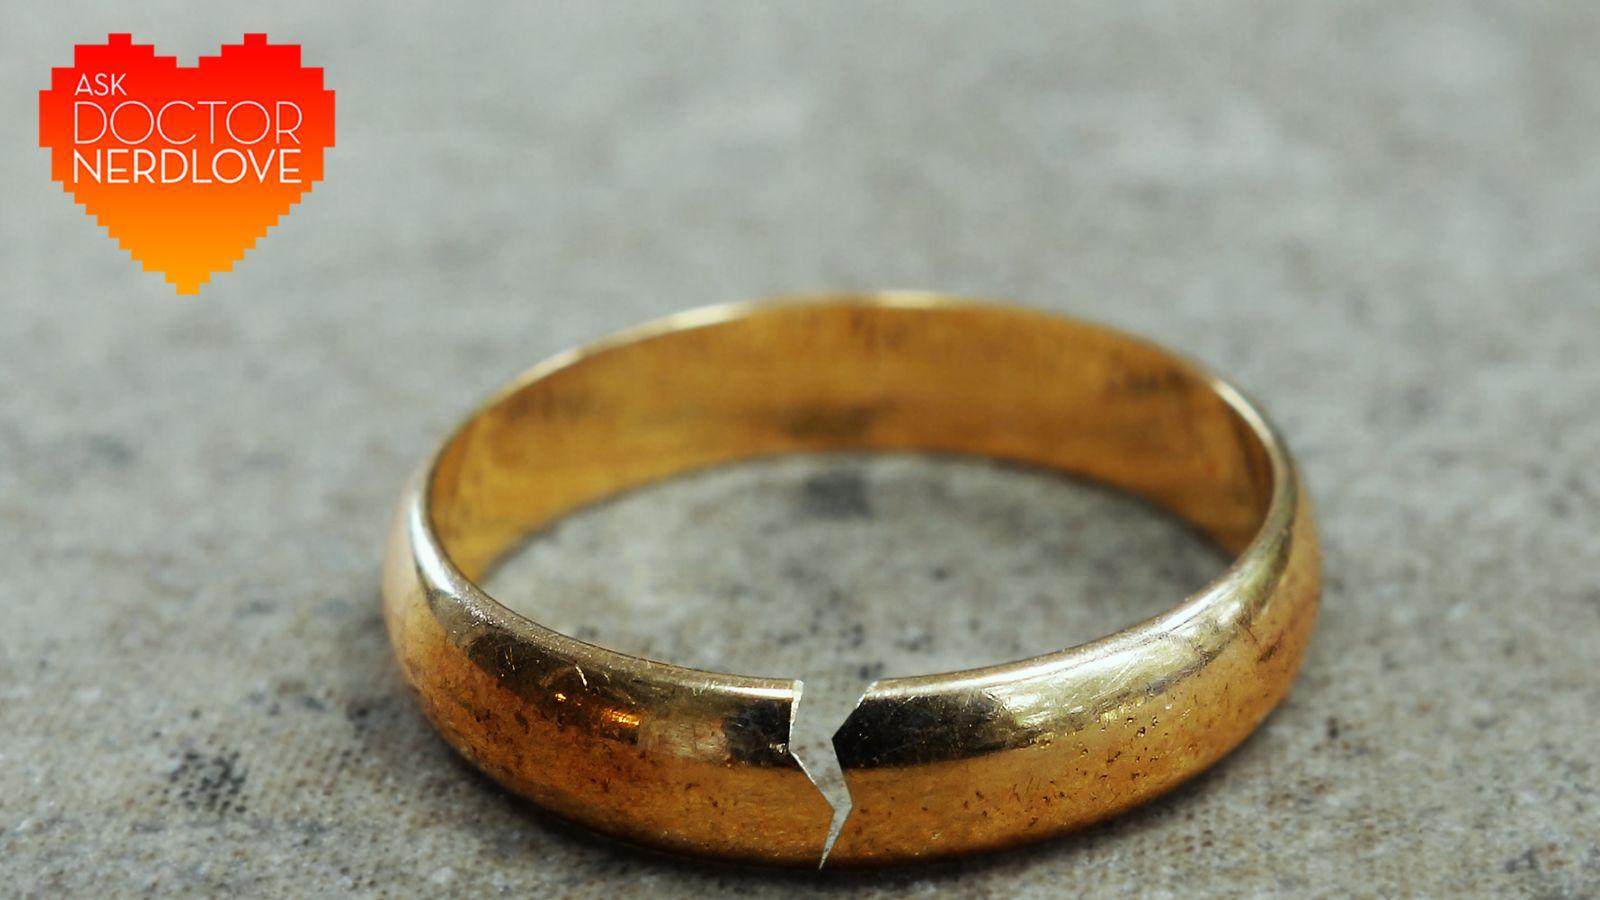 از دکتر NerdLove بپرسید: راهنما، من هنوز عاشق همسرم هستم!